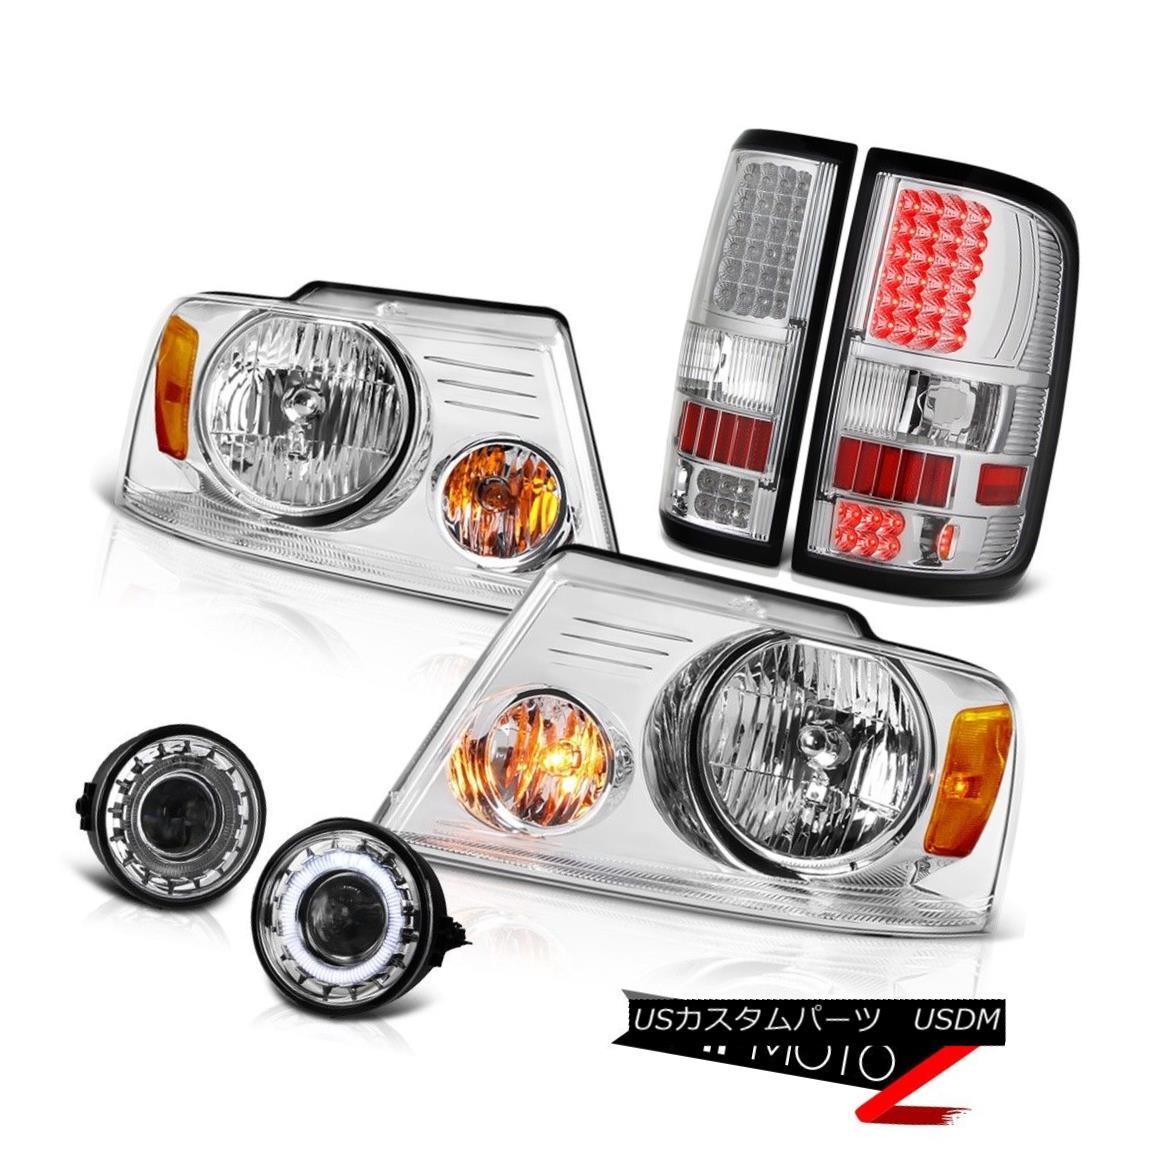 ヘッドライト Chrome Headlight LED Brake Lamp Tail Lights Glass Halo Projector Fog F150 06-08 クロームヘッドライトLEDブレーキランプテールライトガラスハロープロジェクターフォグF150 06-08